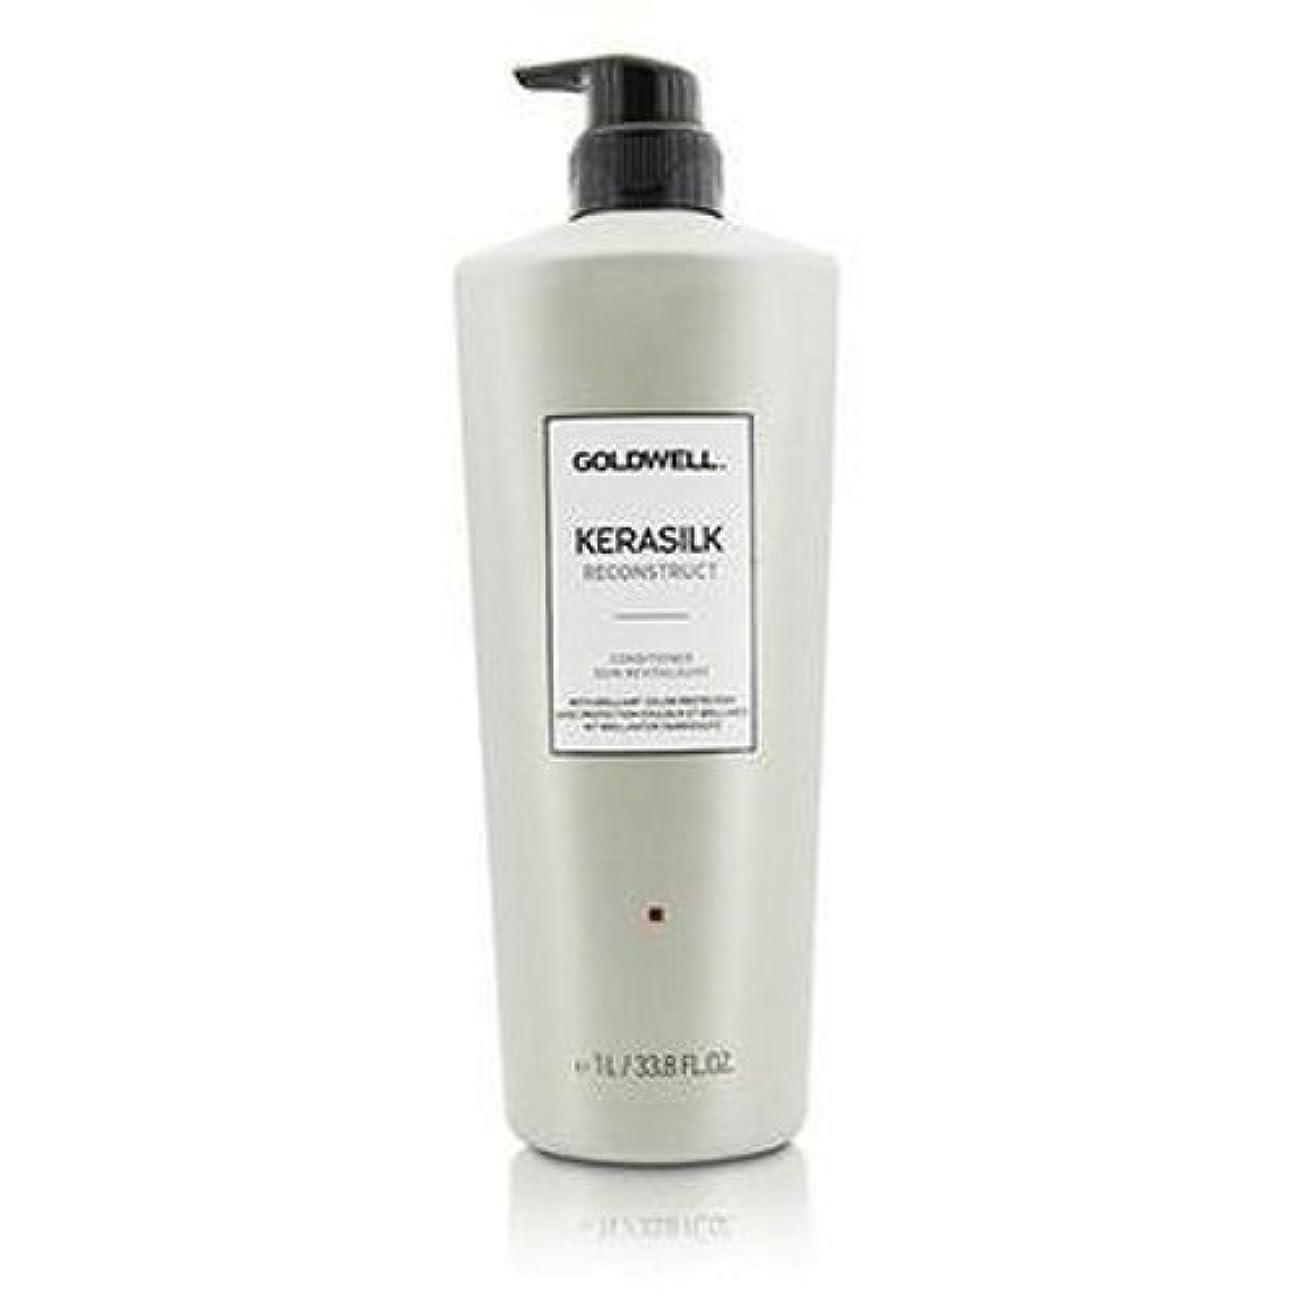 求人協会格納ゴールドウェル Kerasilk Reconstruct Conditioner (For Stressed and Damaged Hair) 1000ml